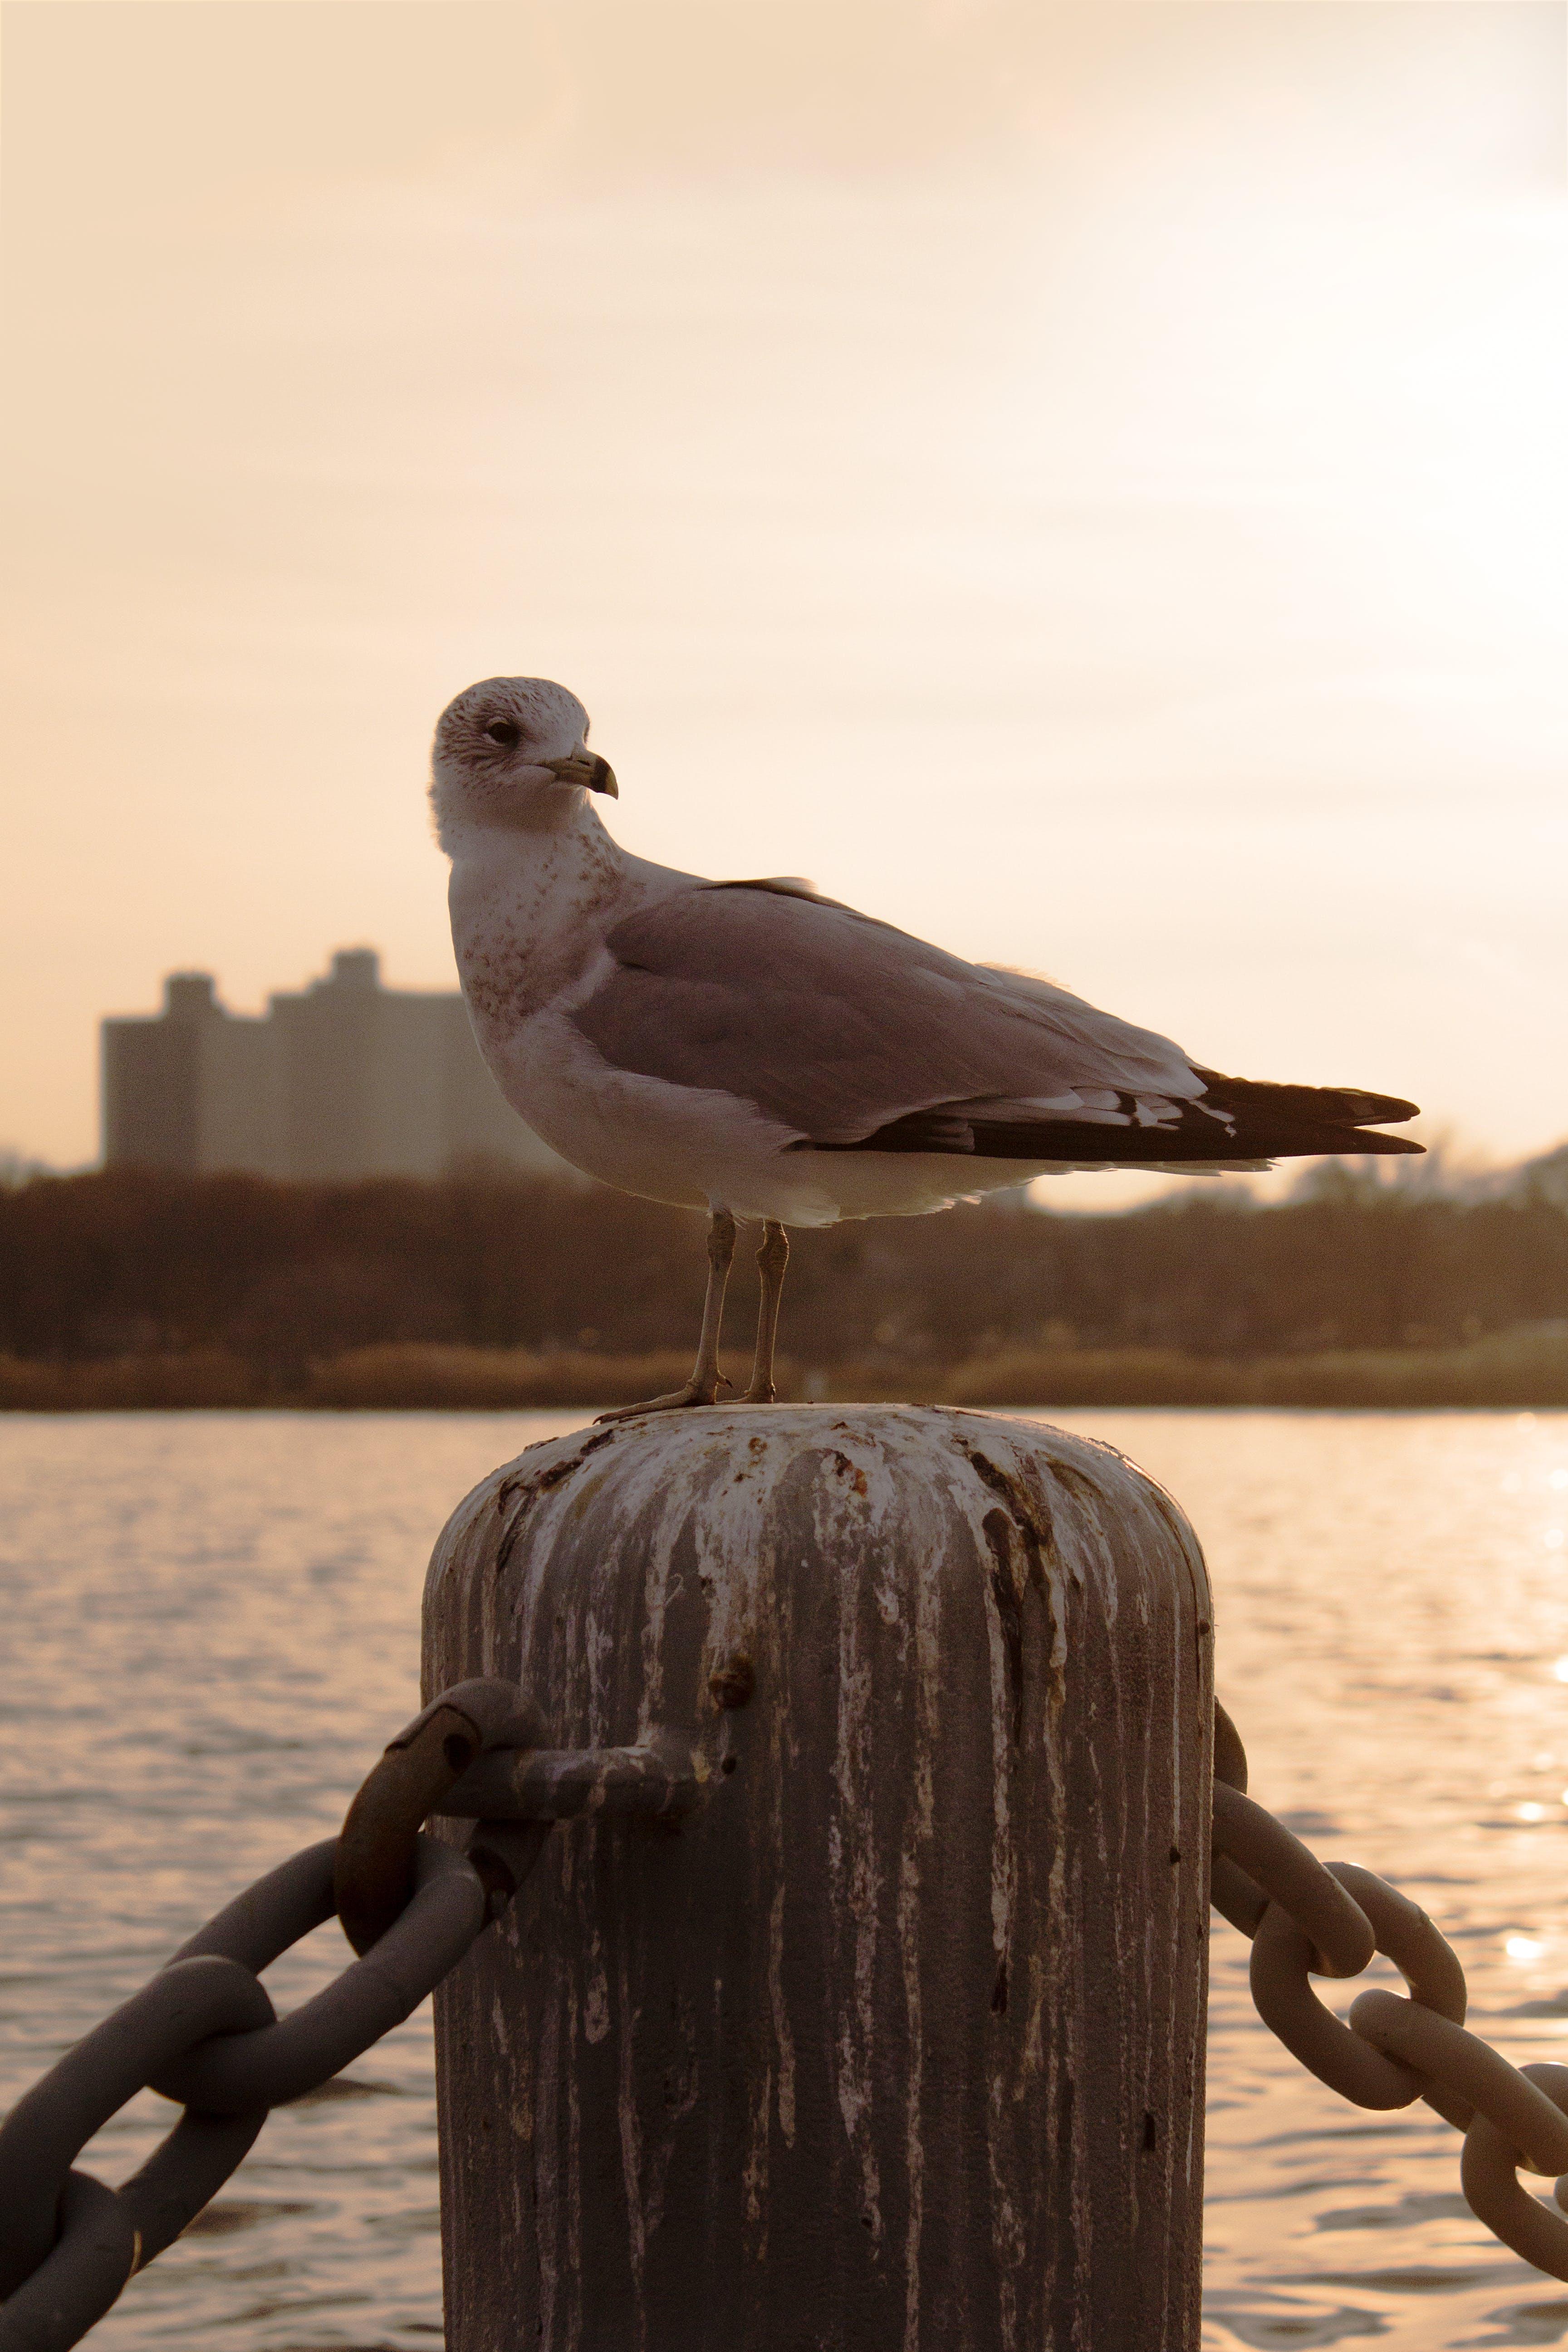 de água, alvorecer, ao ar livre, ave